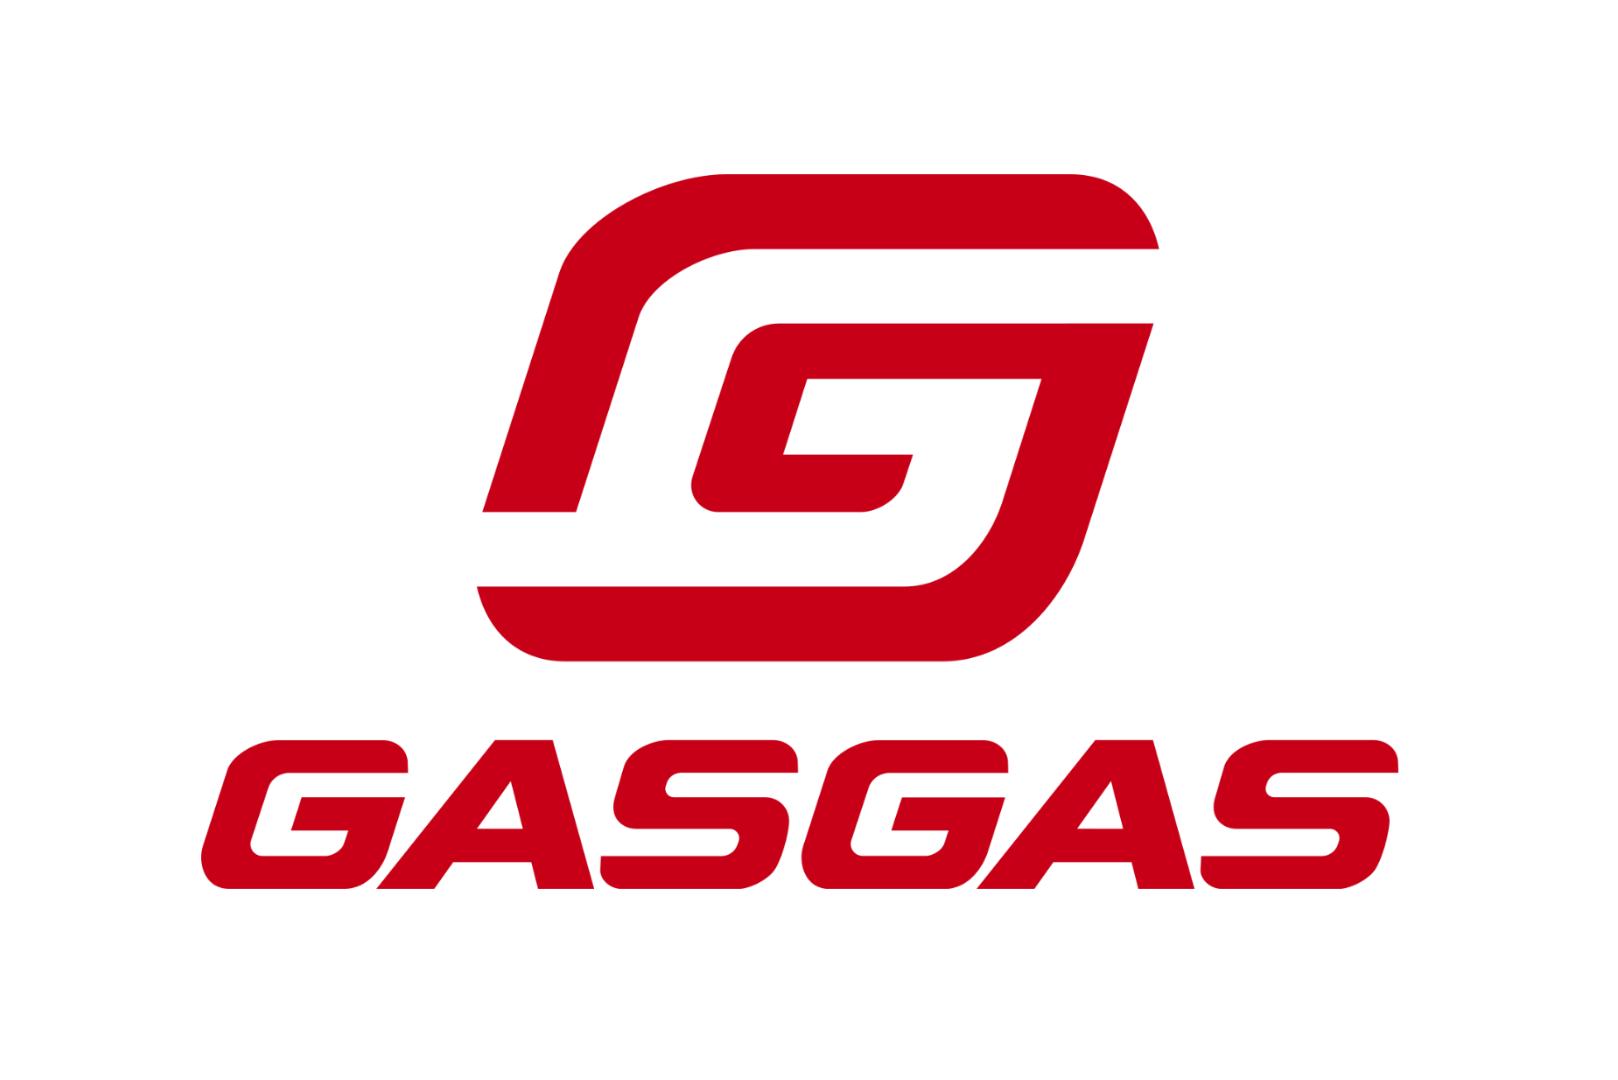 gasgas-logo-smaller